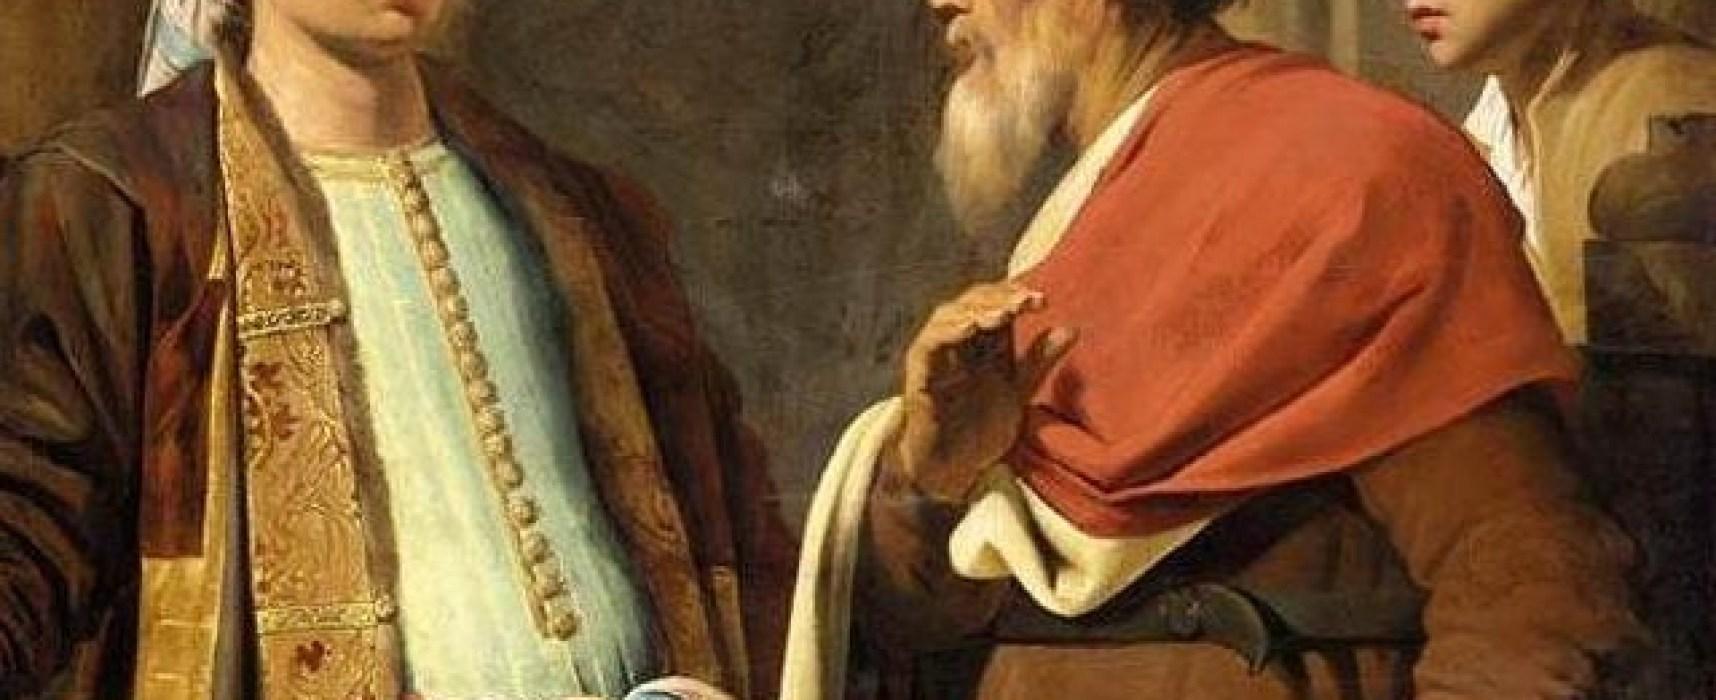 Il Santo del giorno, 14 Giugno: Profeta Eliseo, discepolo prediletto di Elia